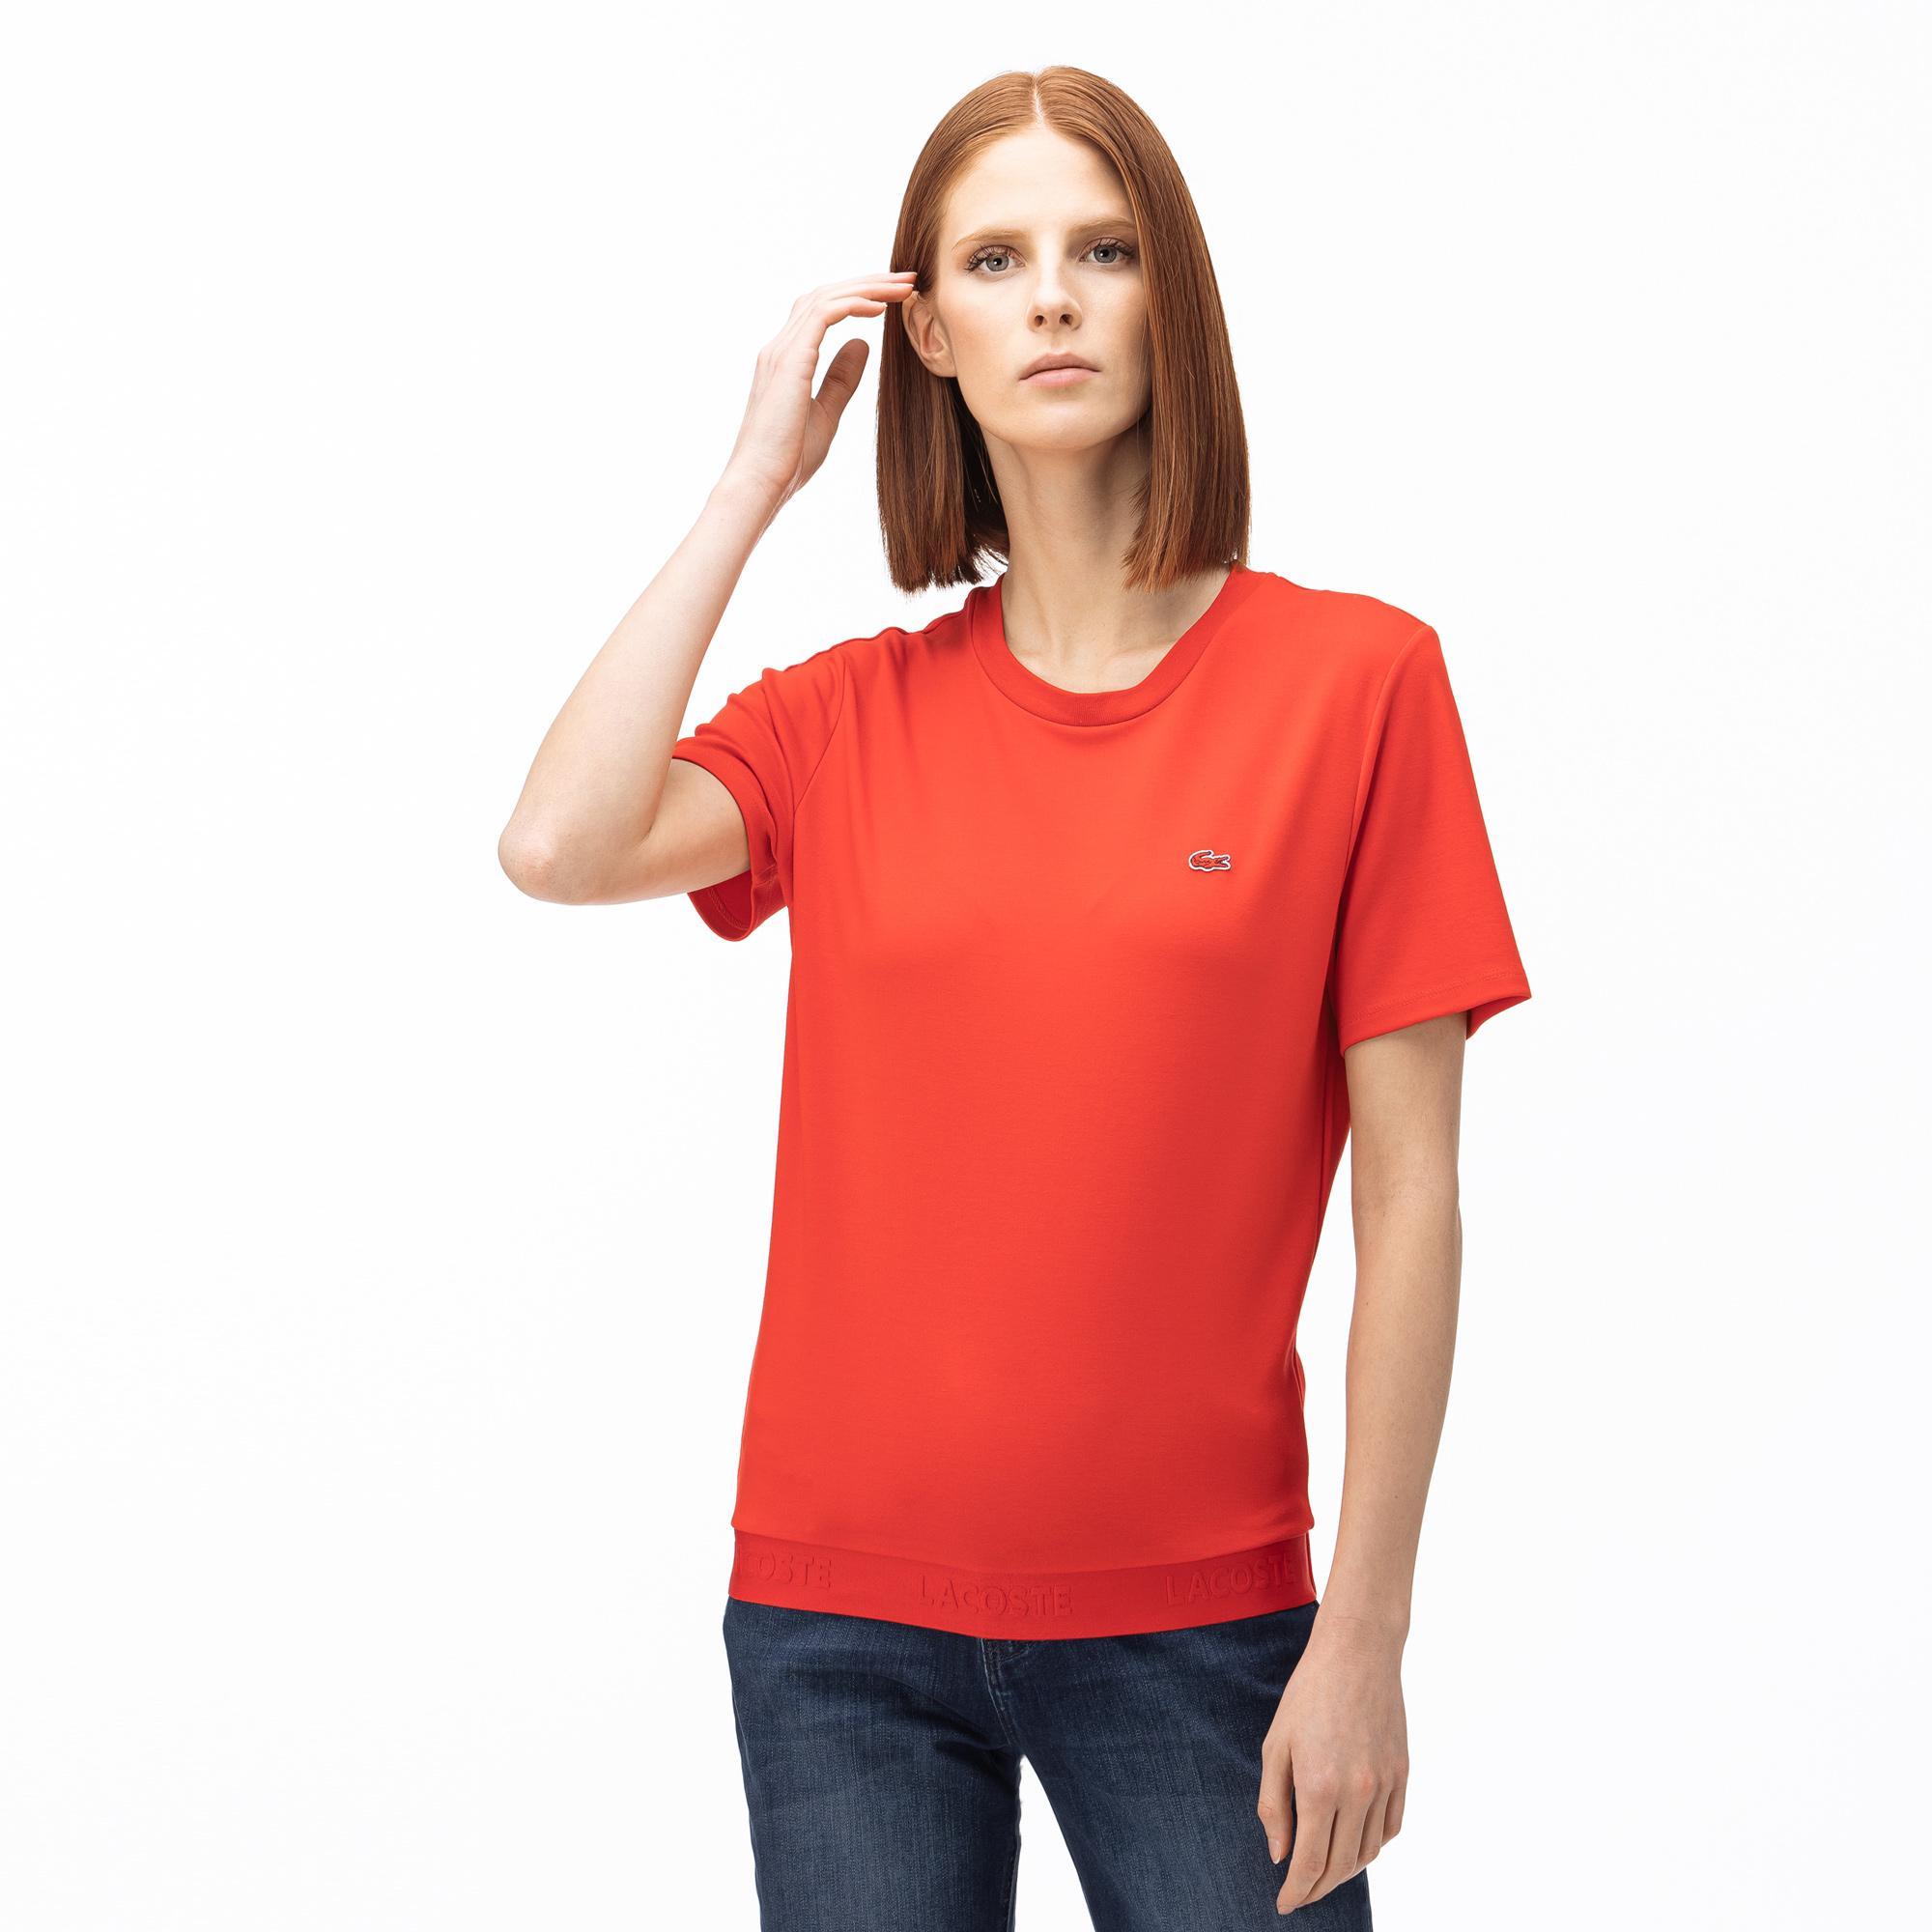 Lacoste Kadın Kayık Yaka Kırmızı T-Shirt